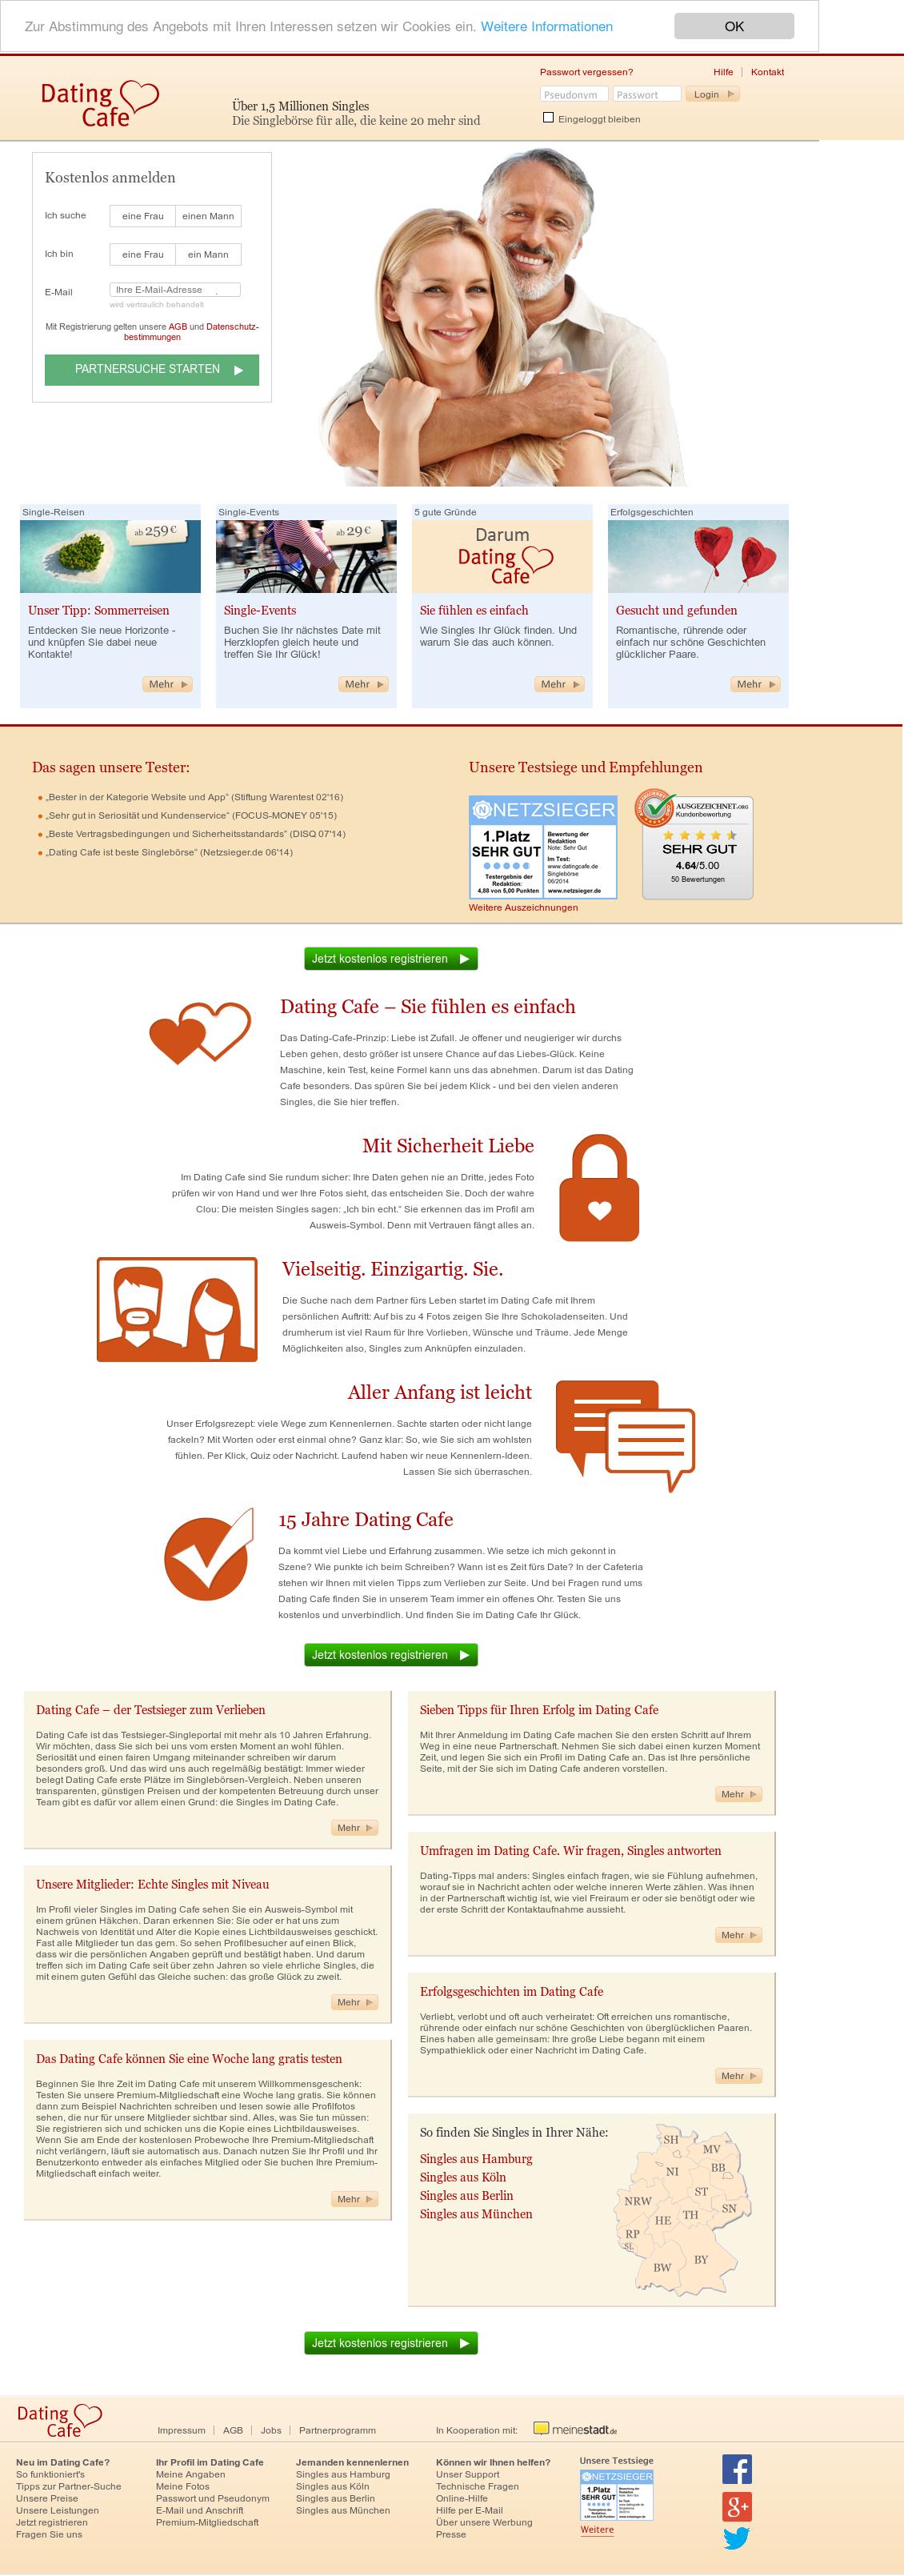 popular dating sites in dubai